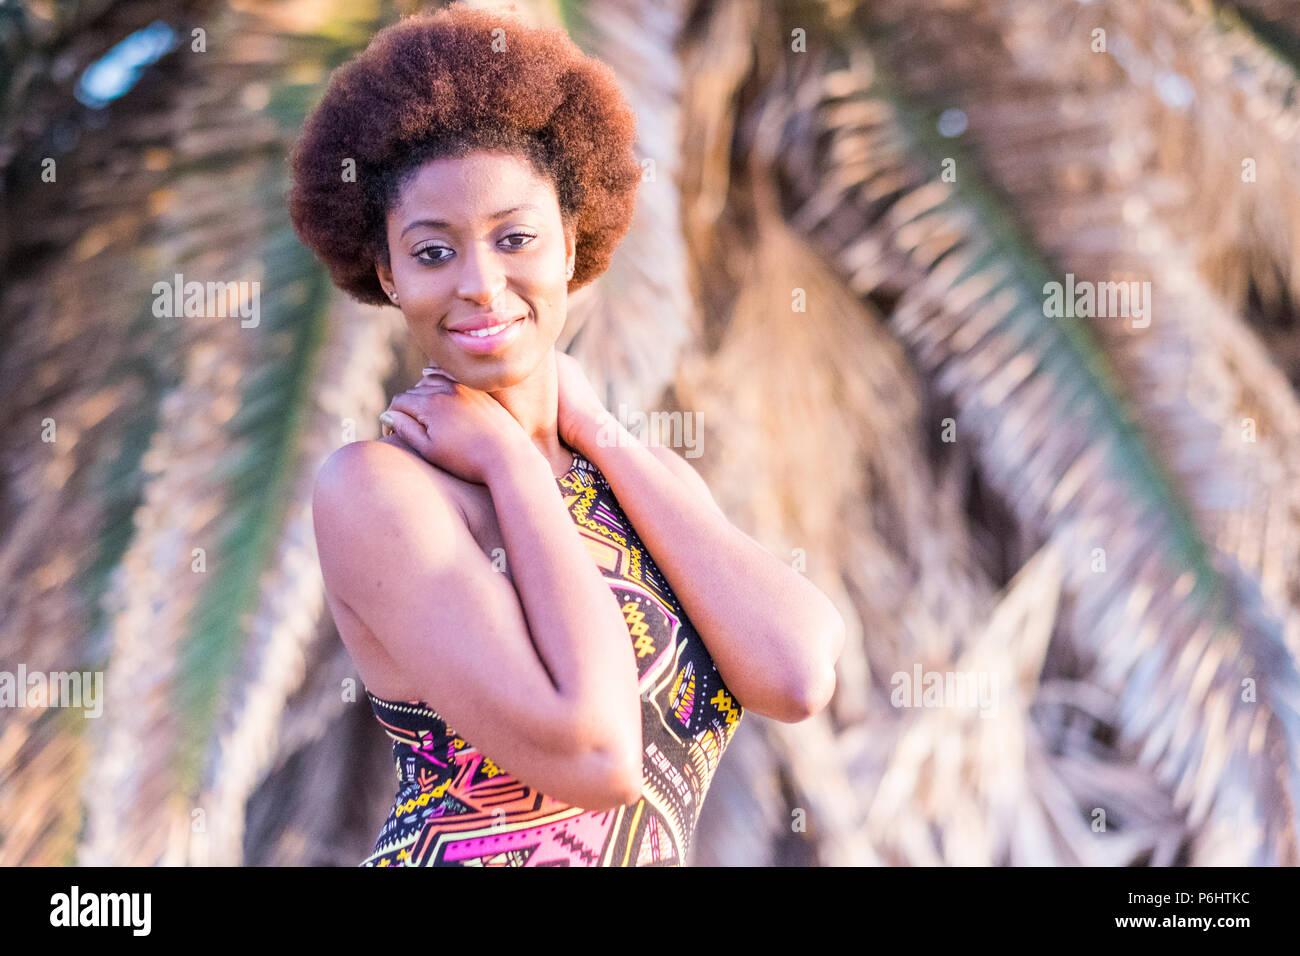 Nette freundliche afrikanische afro Modell Mädchen darstellen, in einem tropischen statt. Sommer Zeit und Muße für schöne junge Frau unter der Sonne mit dem Lächeln Stockbild